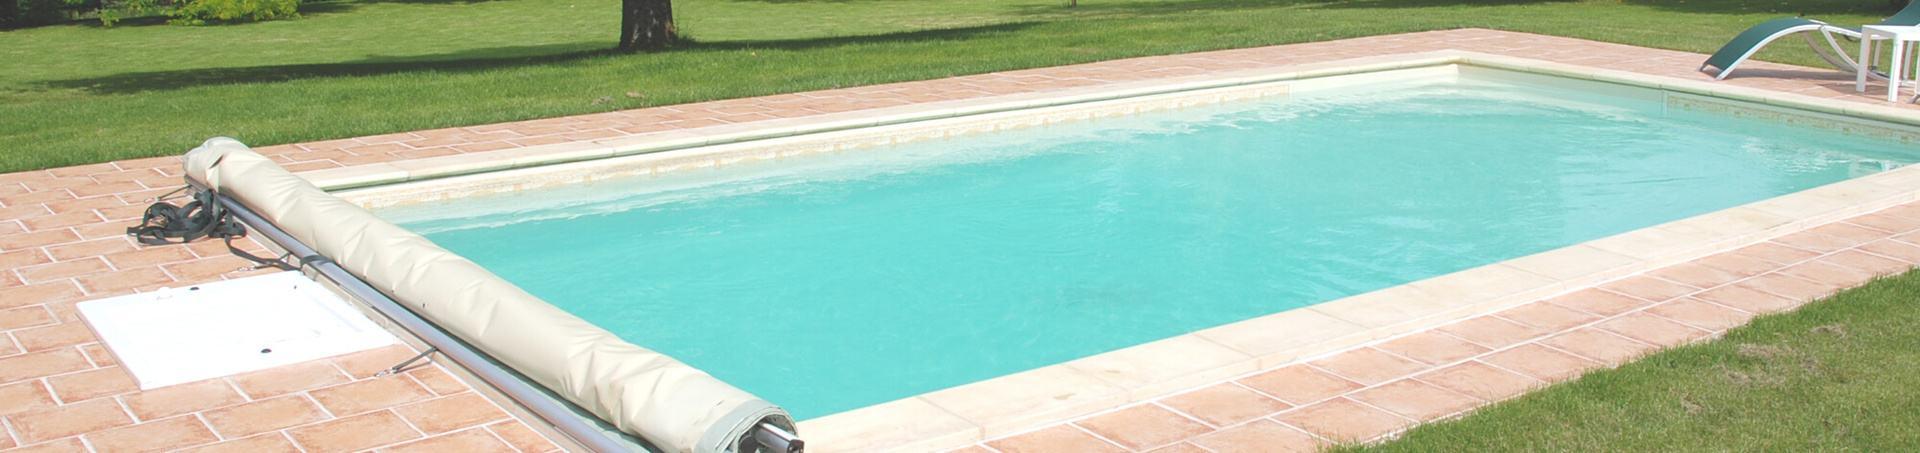 Pdiluve piscine fiche technique affordable piscine for Piscines aquinox